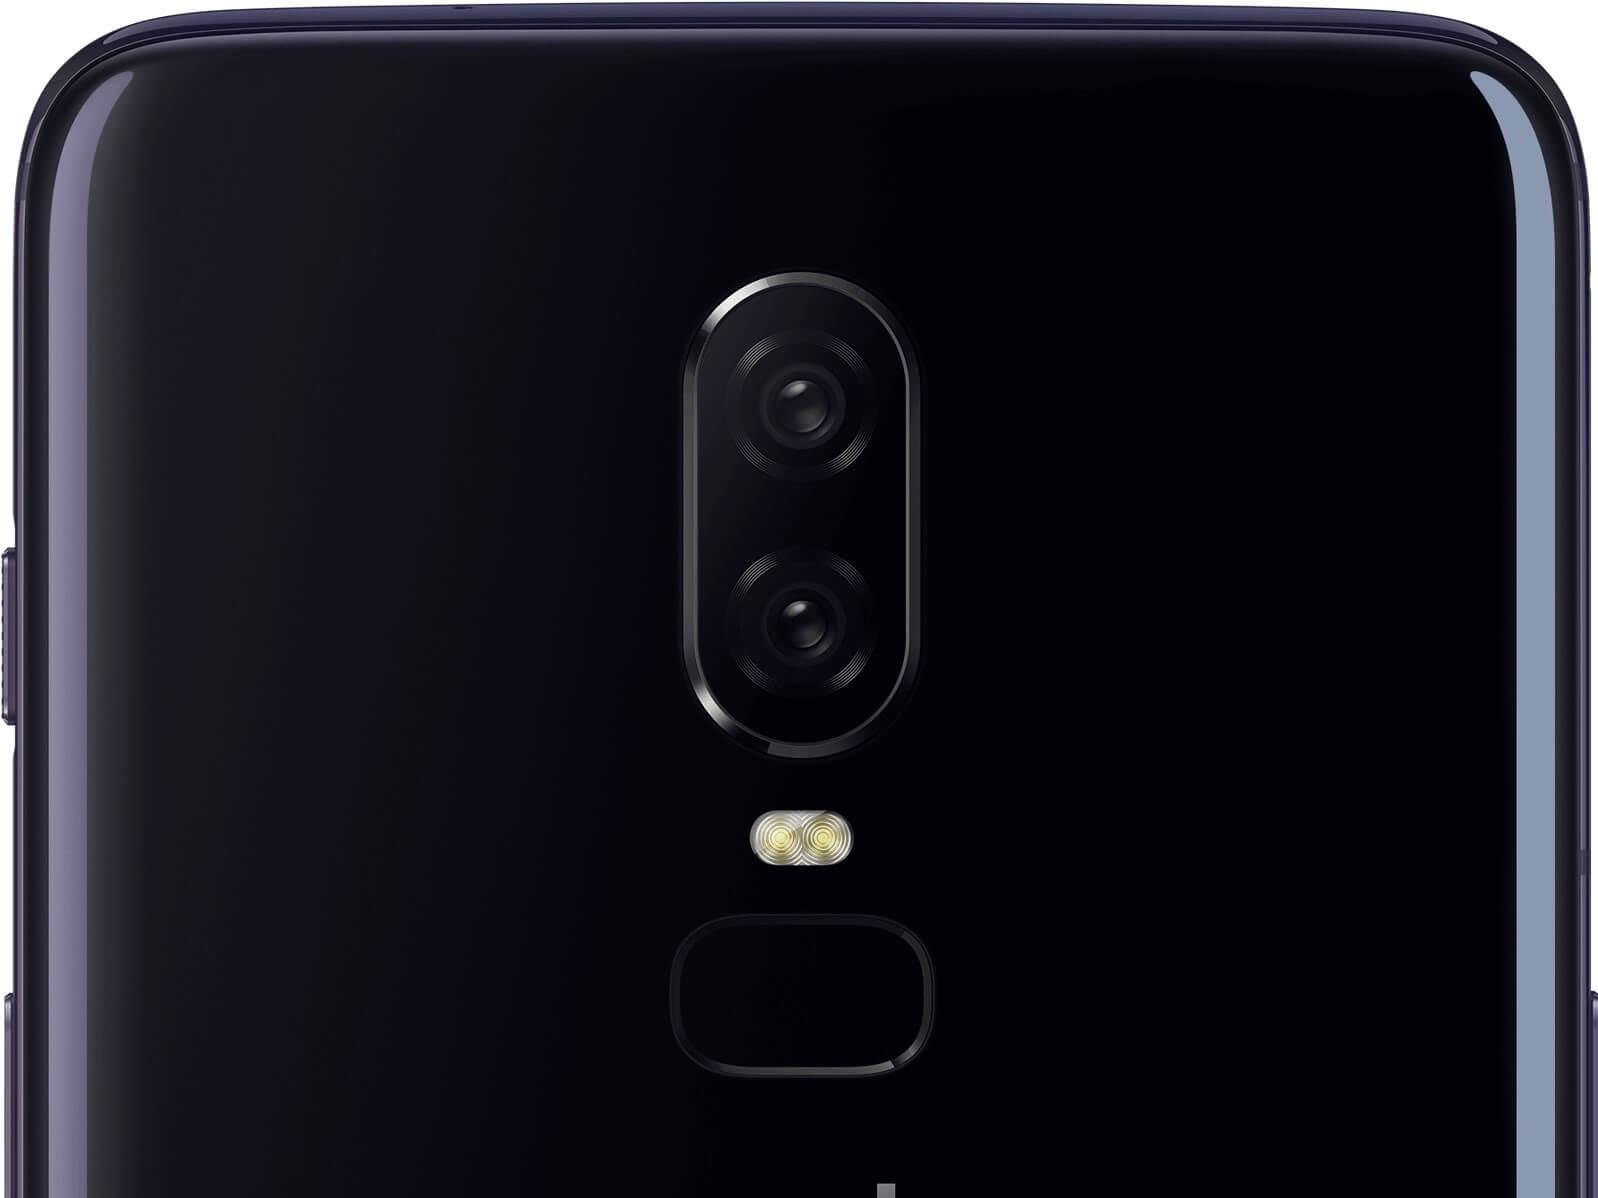 Bon Plan : Le OnePlus 6 disponible à partir de 493 euros